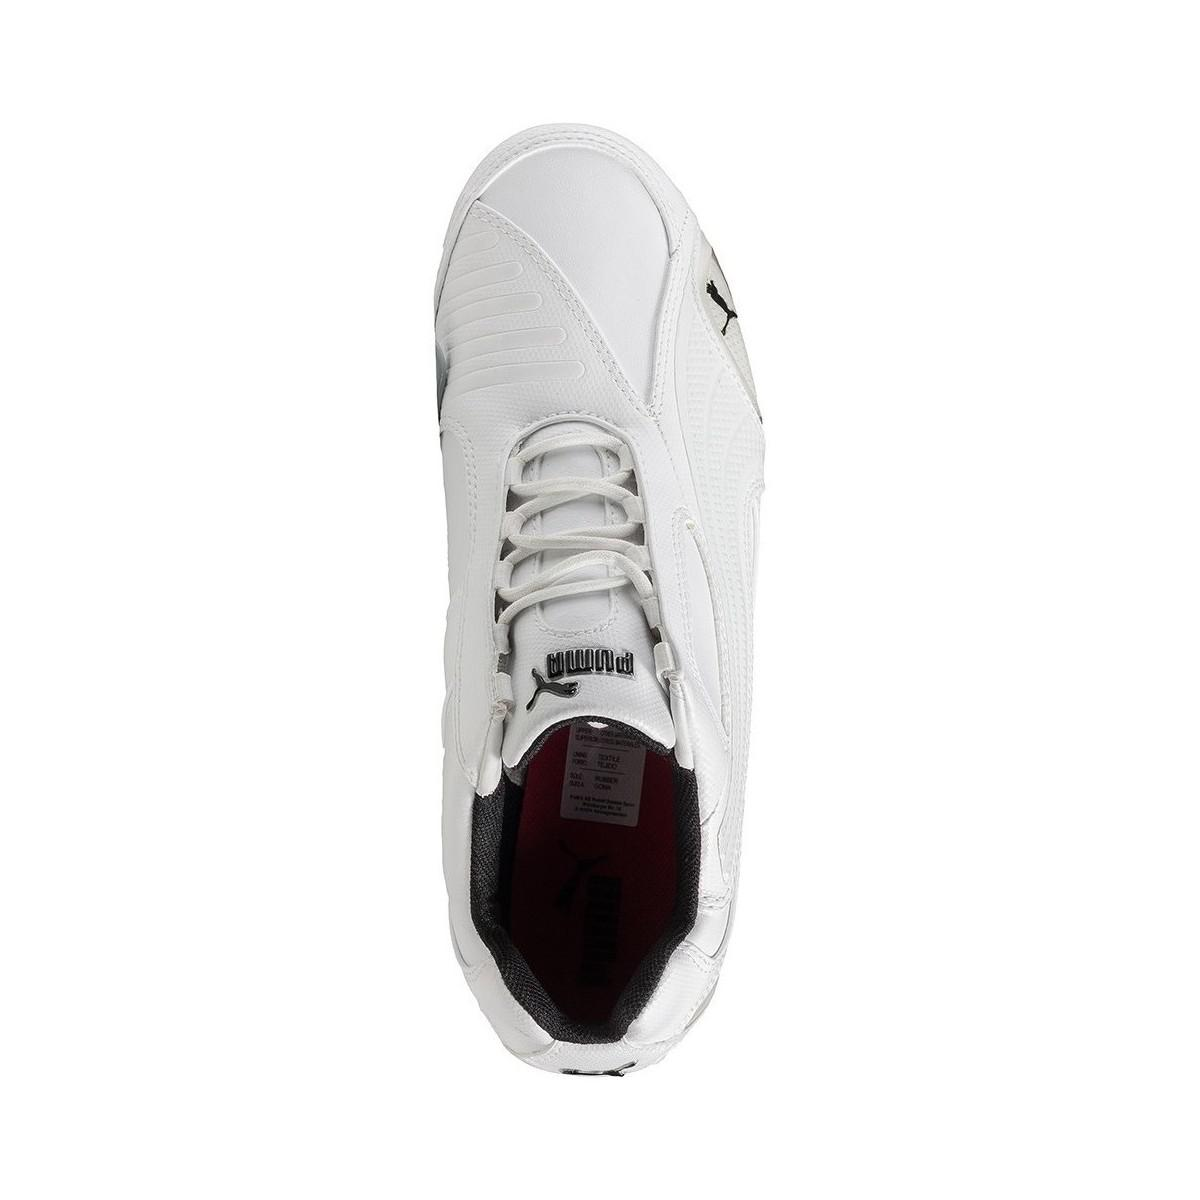 bc0d2a93502 PUMA Testastretta Ii Ducati Nm Men s Shoes (trainers) In White in ...